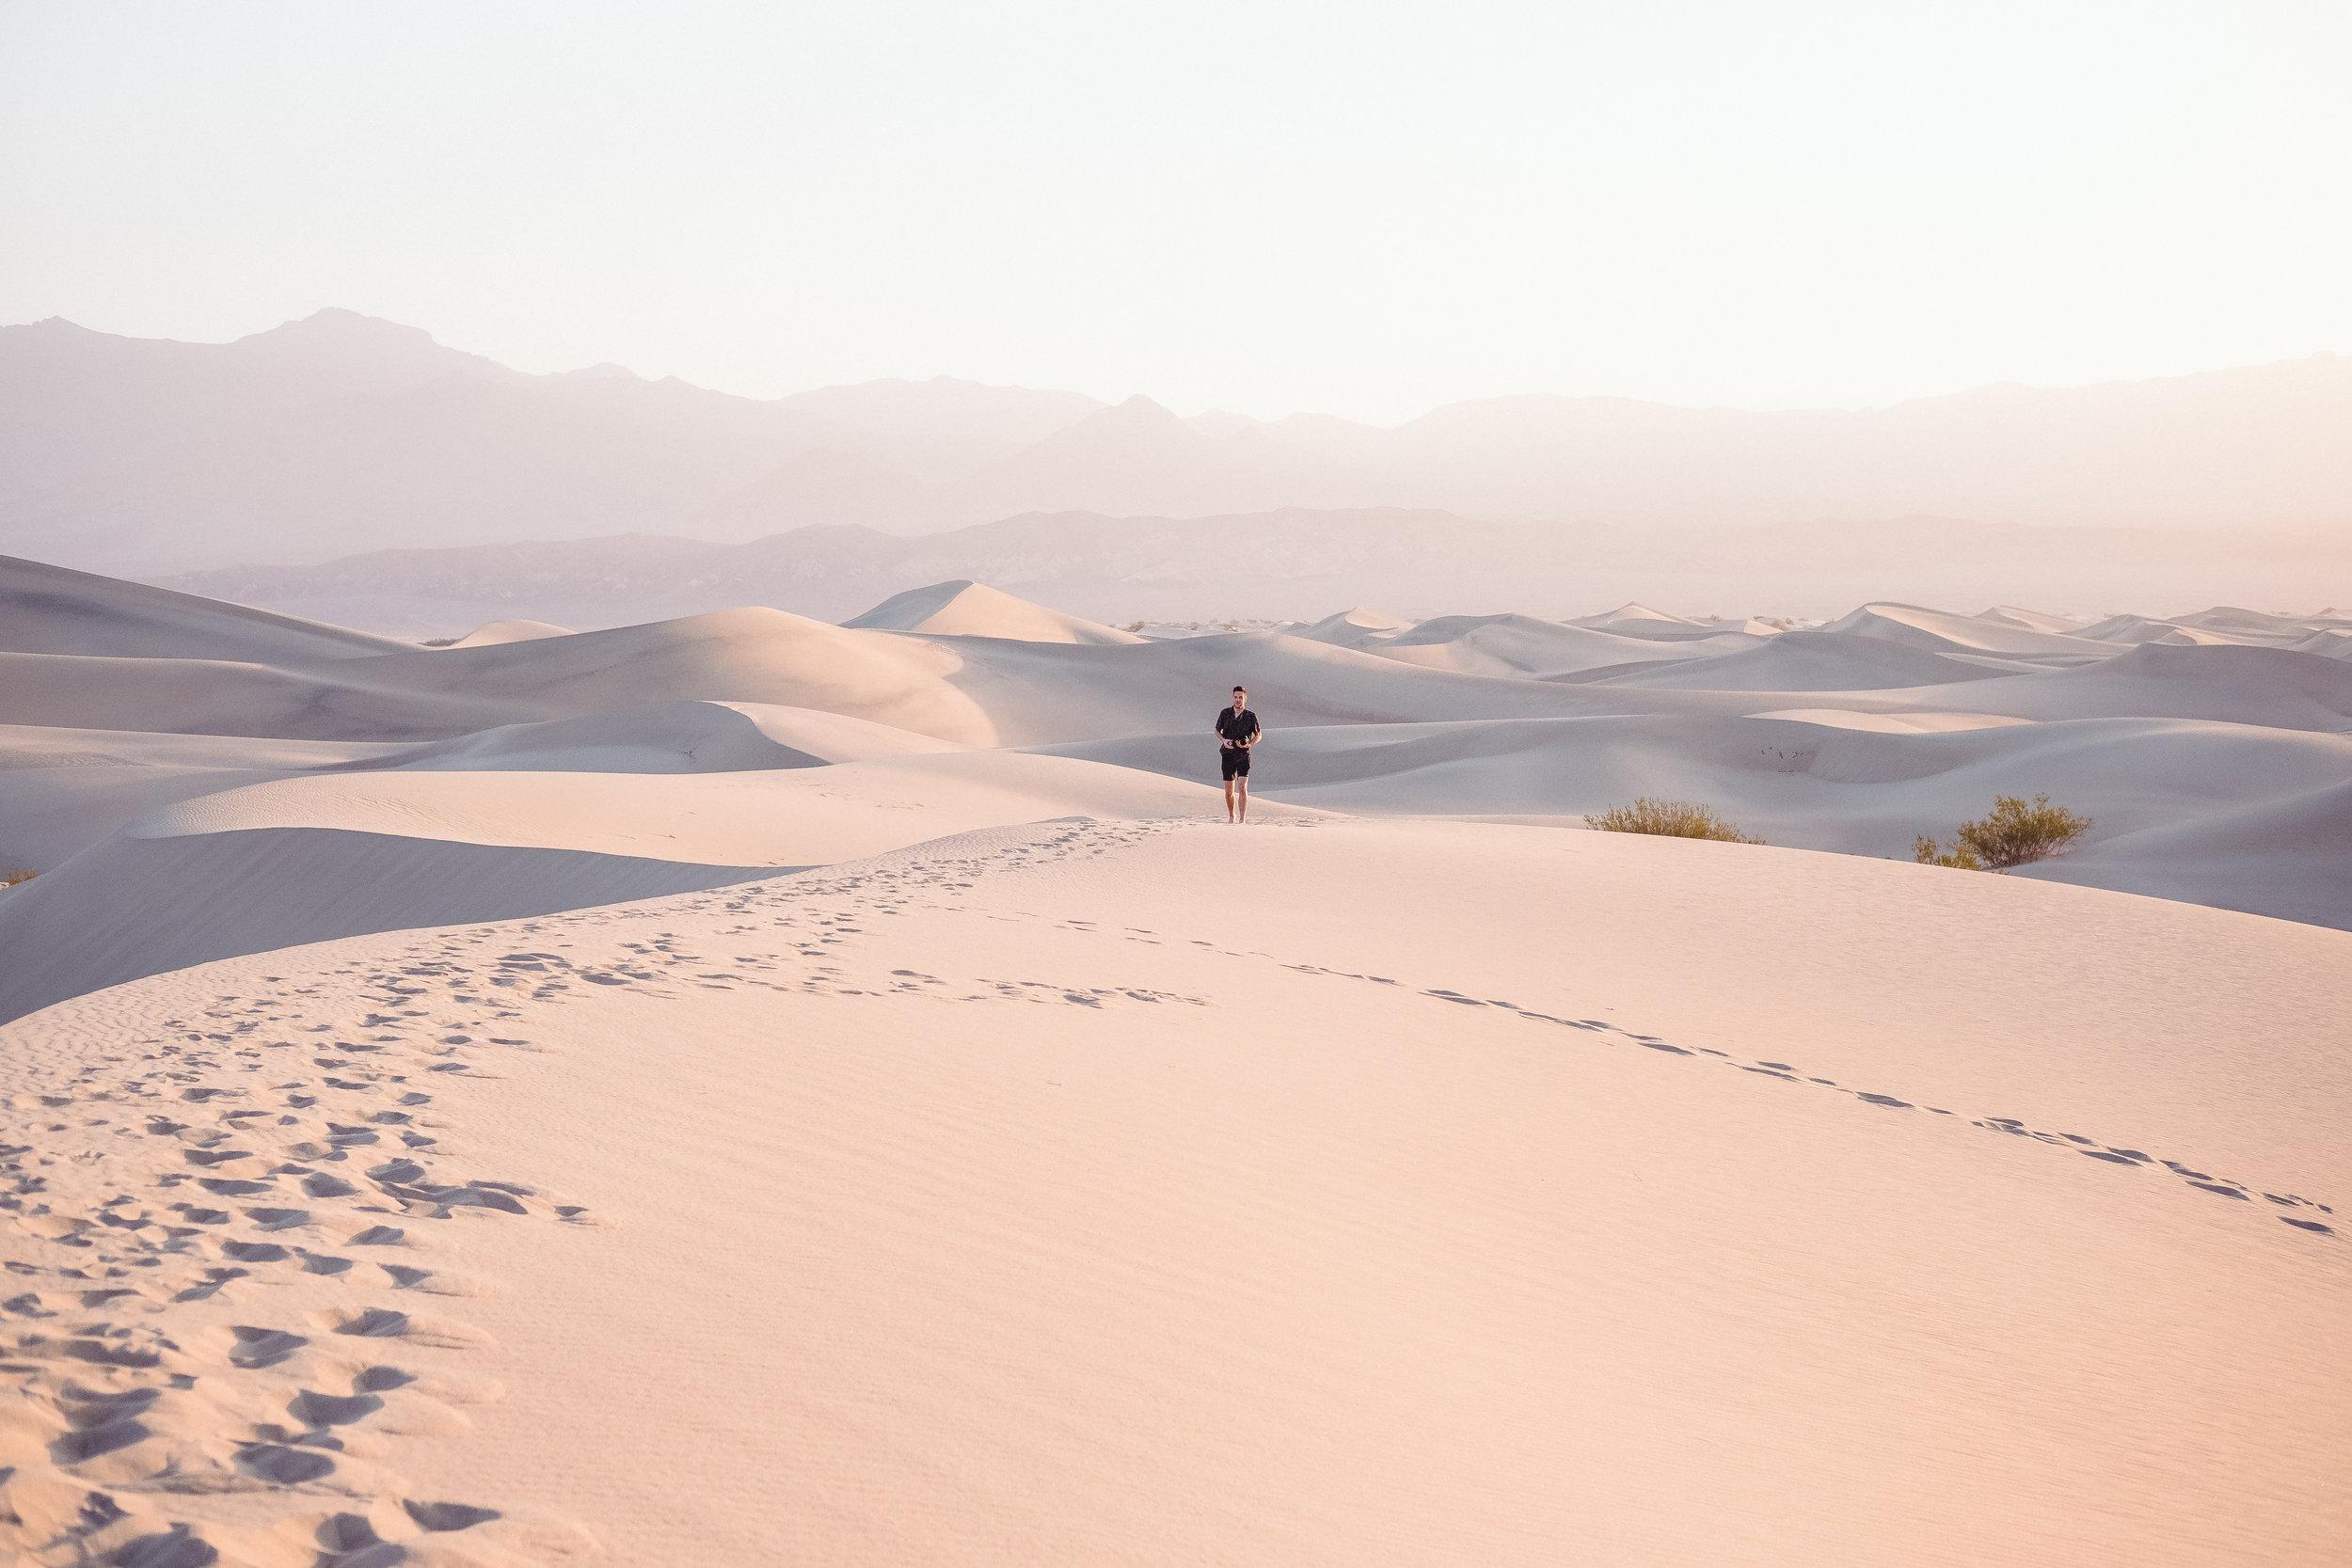 Death_Valley-10.jpg